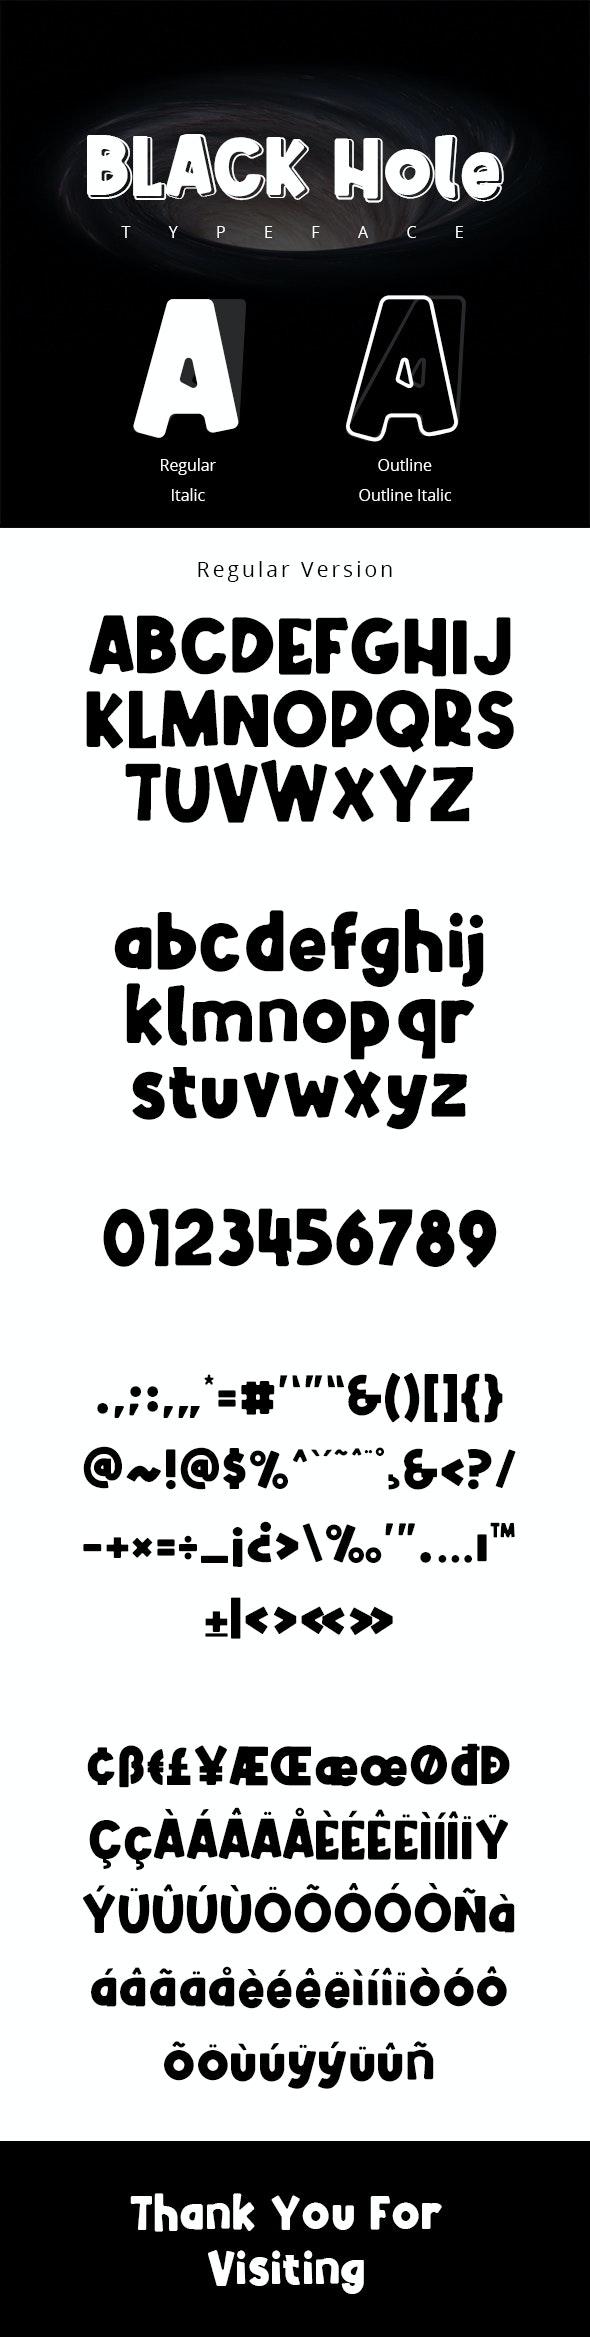 Black Hole Typeface - Futuristic Decorative